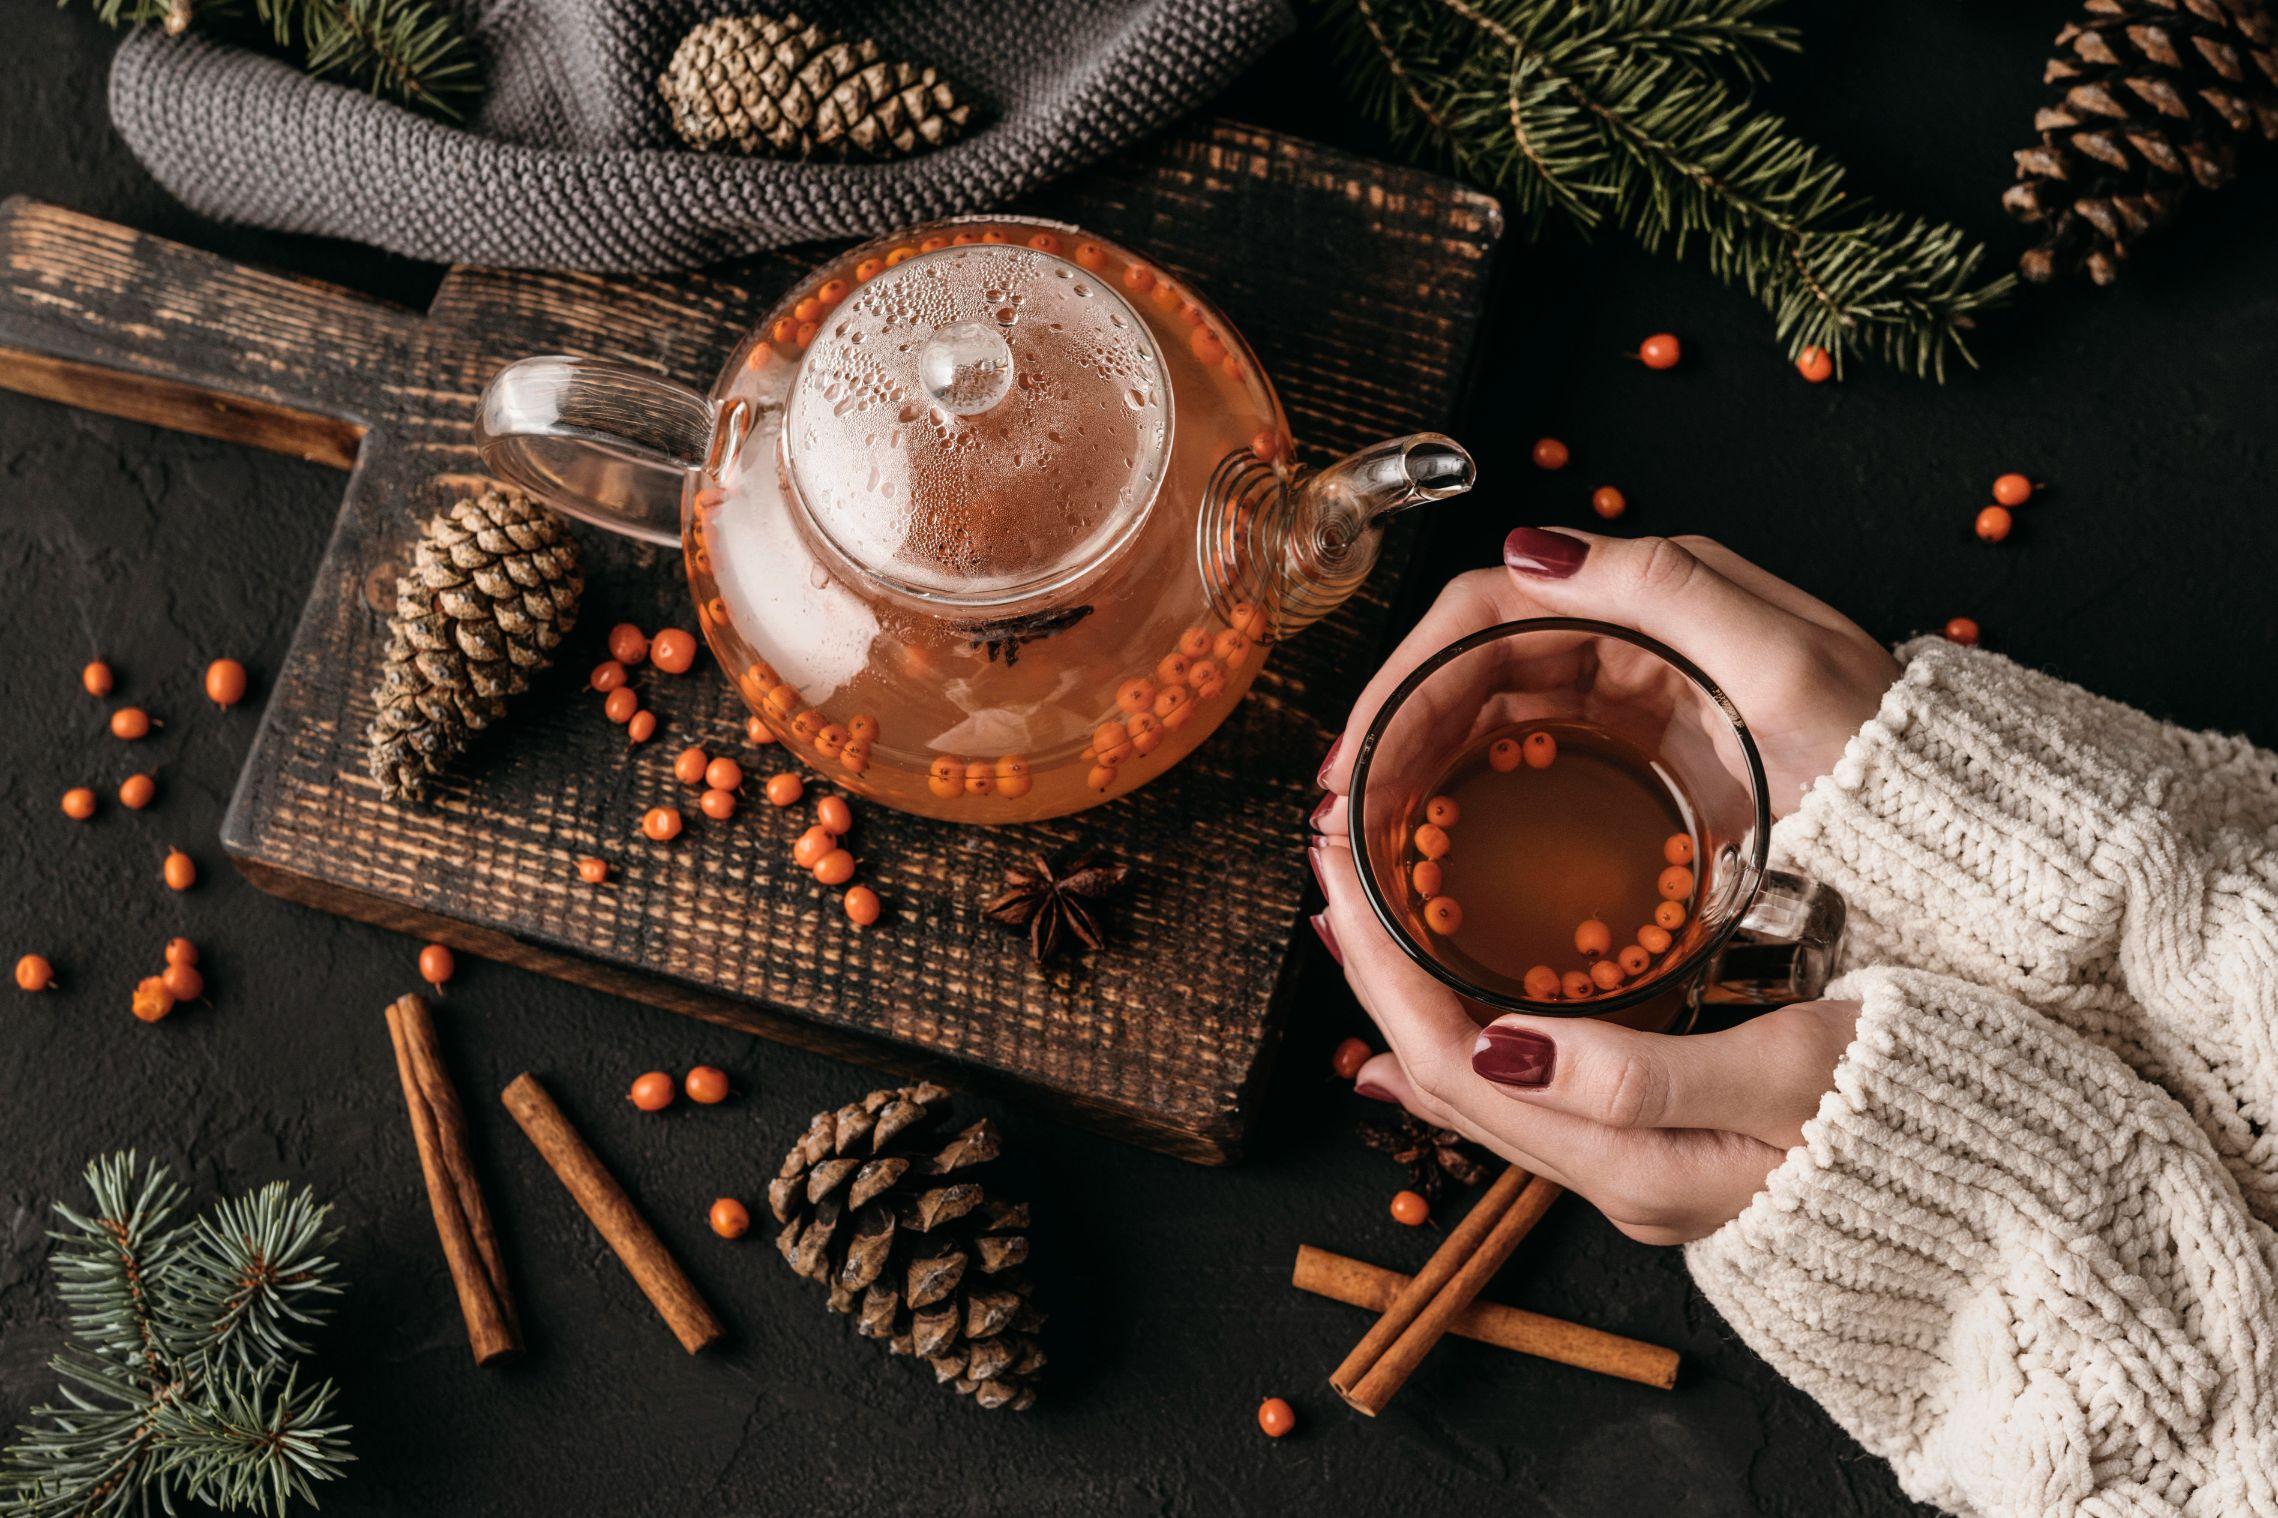 Descubre cuál es el té que la astrología te recomienda según tu signo